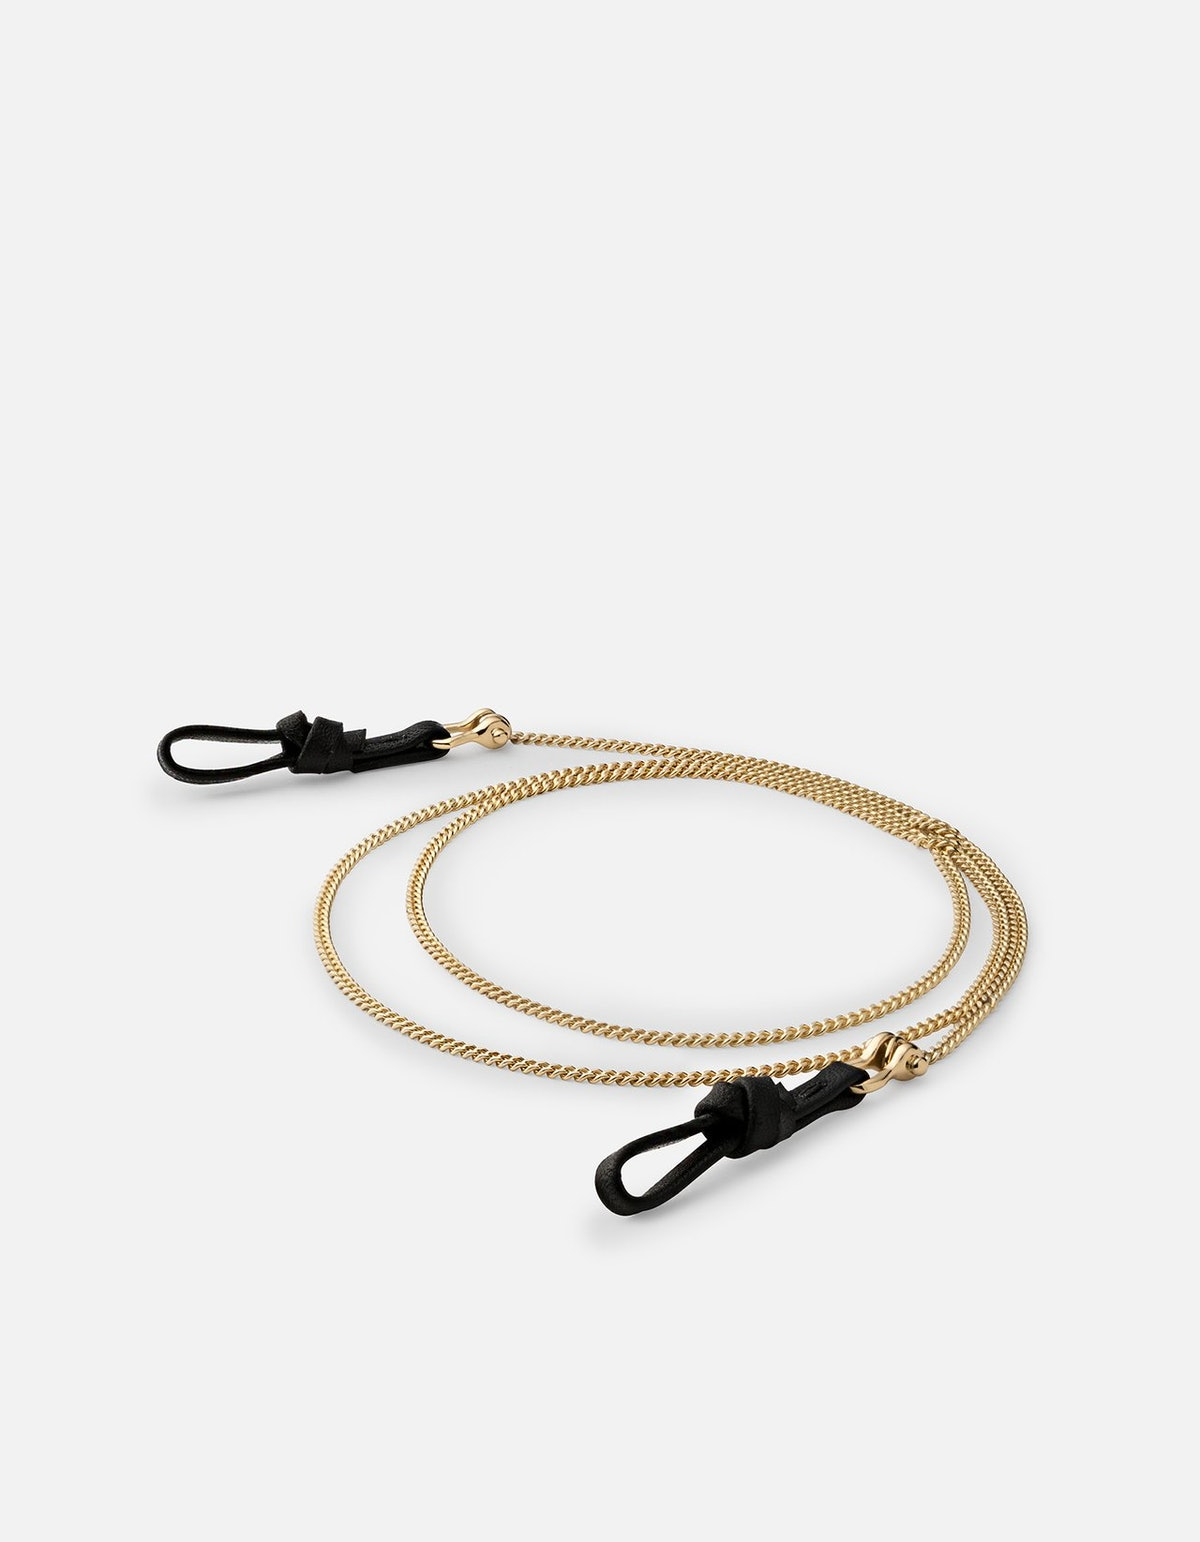 Cuban Link Sunglass Chain